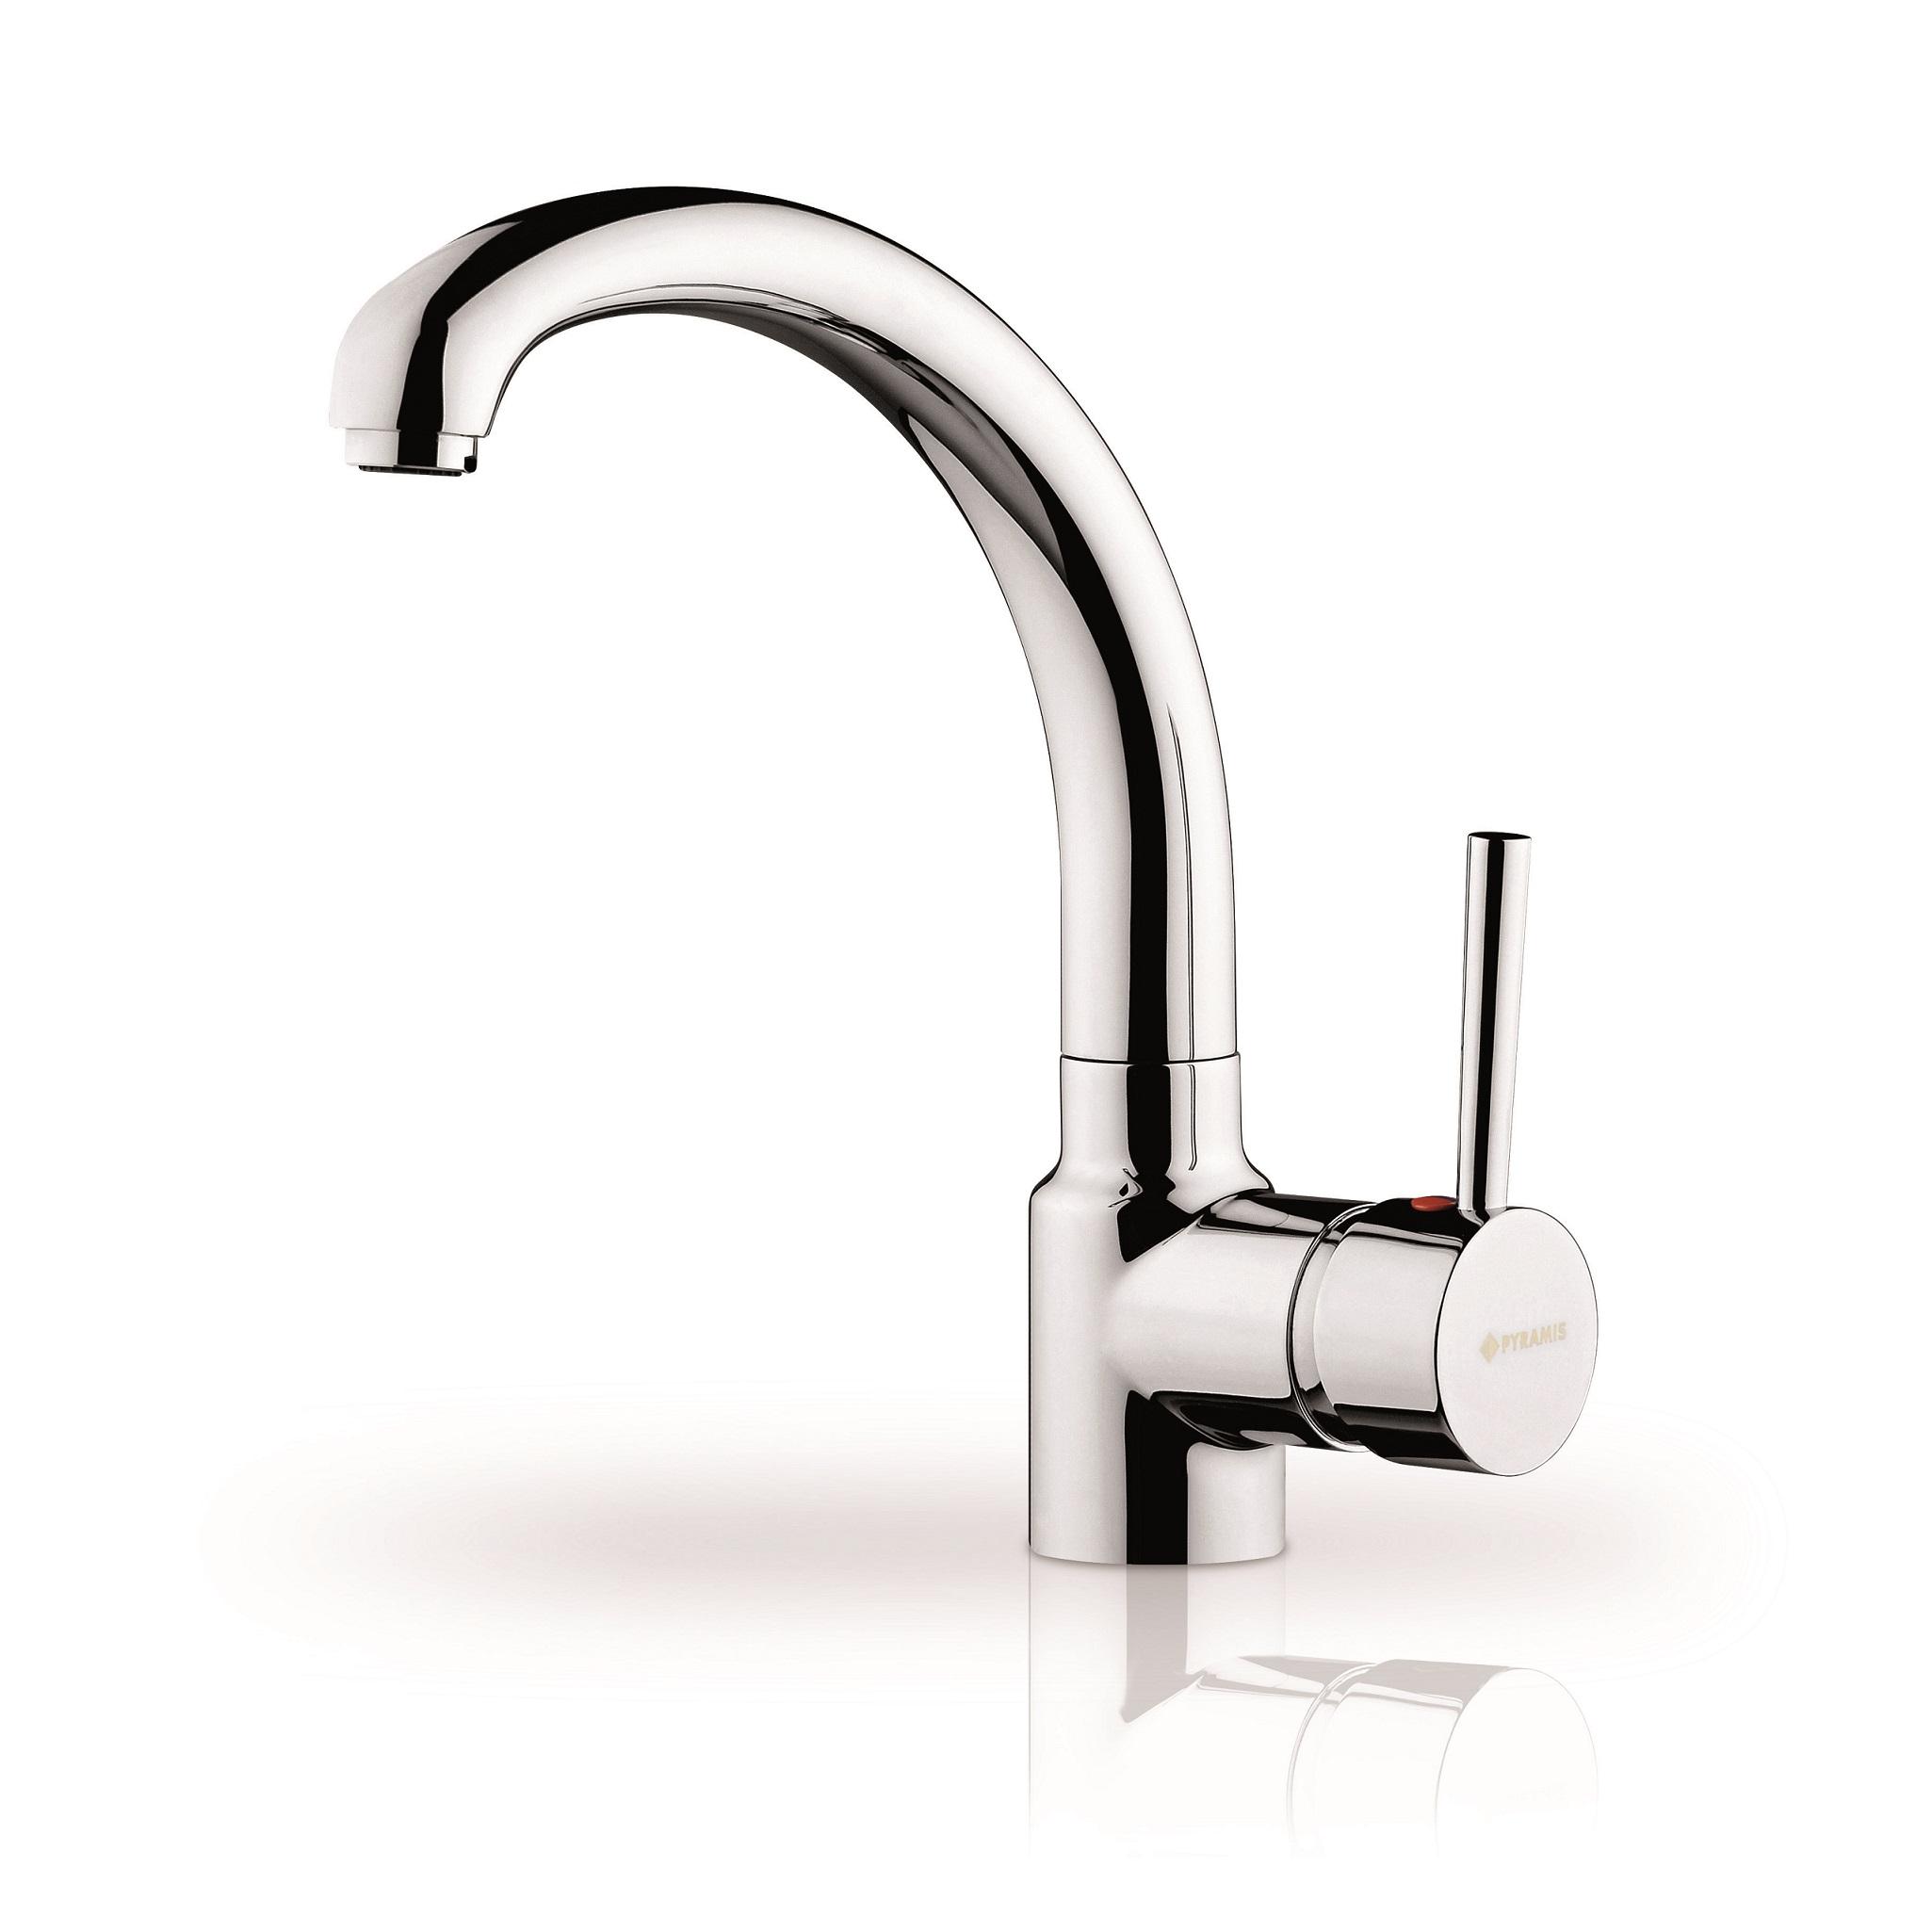 Hochdruckarmatur Wasserhahn Armatur Küchenarmatur Auslauf schwenkbar Pyramis